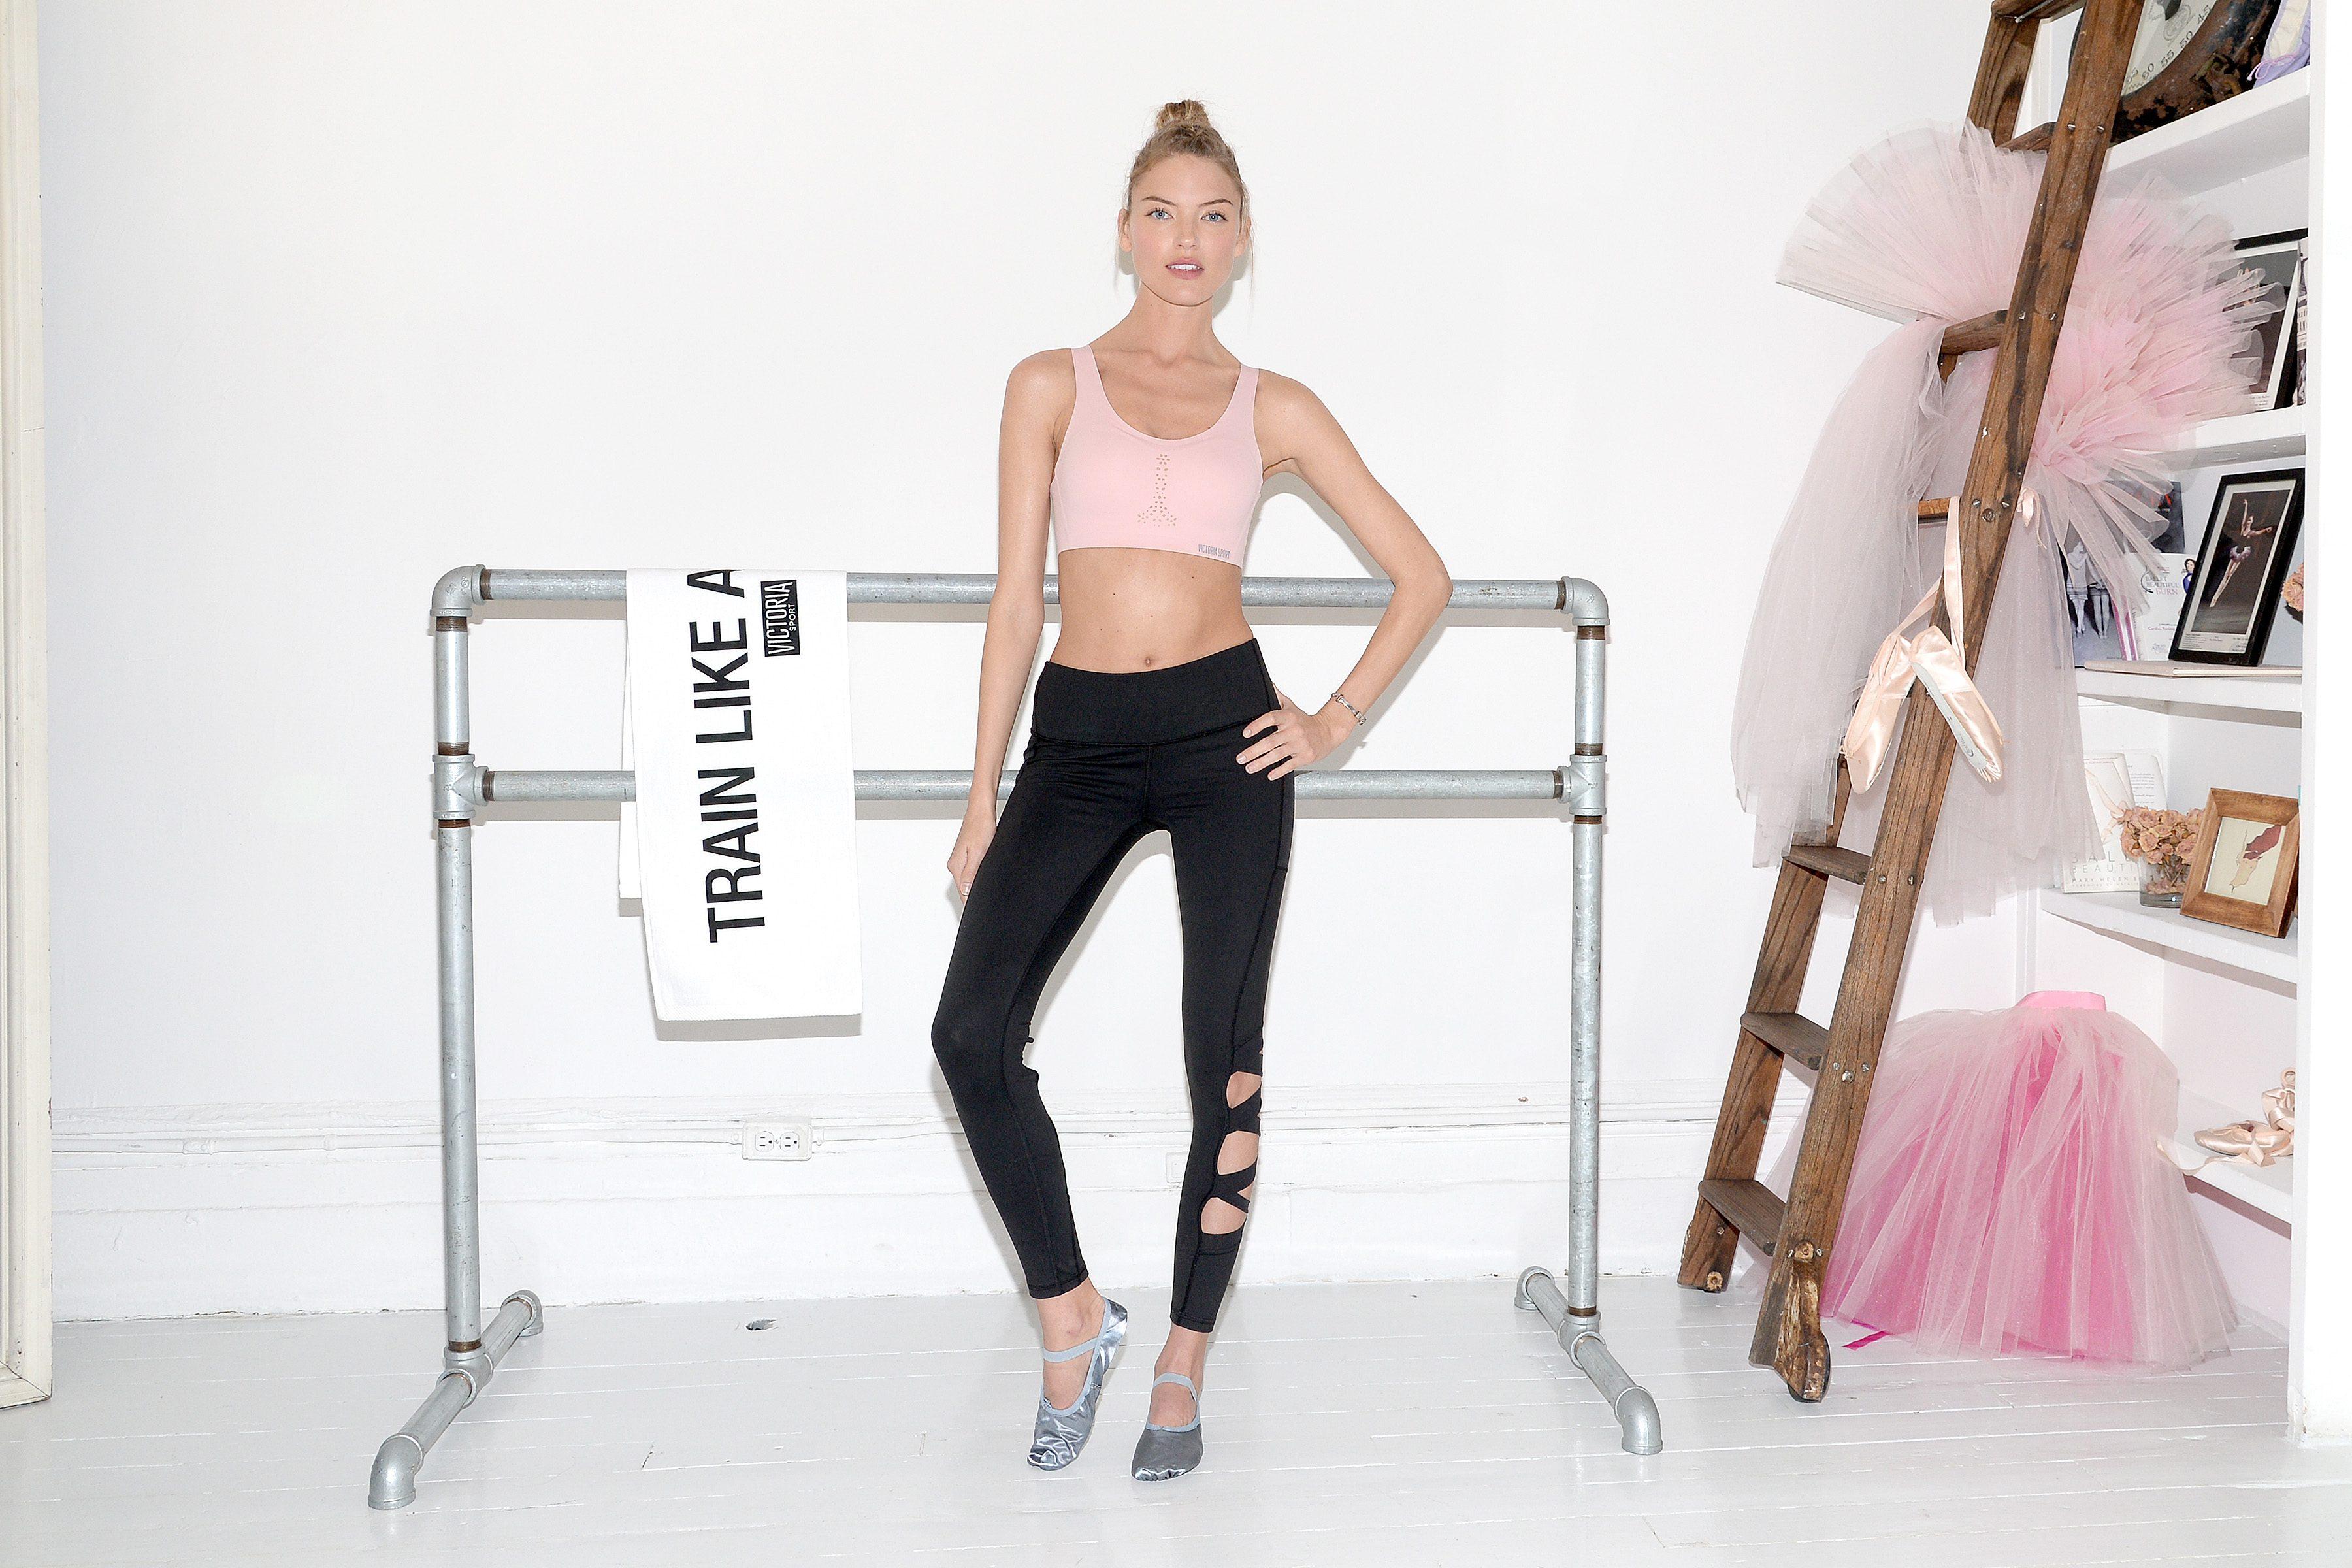 BallerinaCosì Secret L'angelo Si Al Hunt Prepara Martha Victoria's tsChQrdx